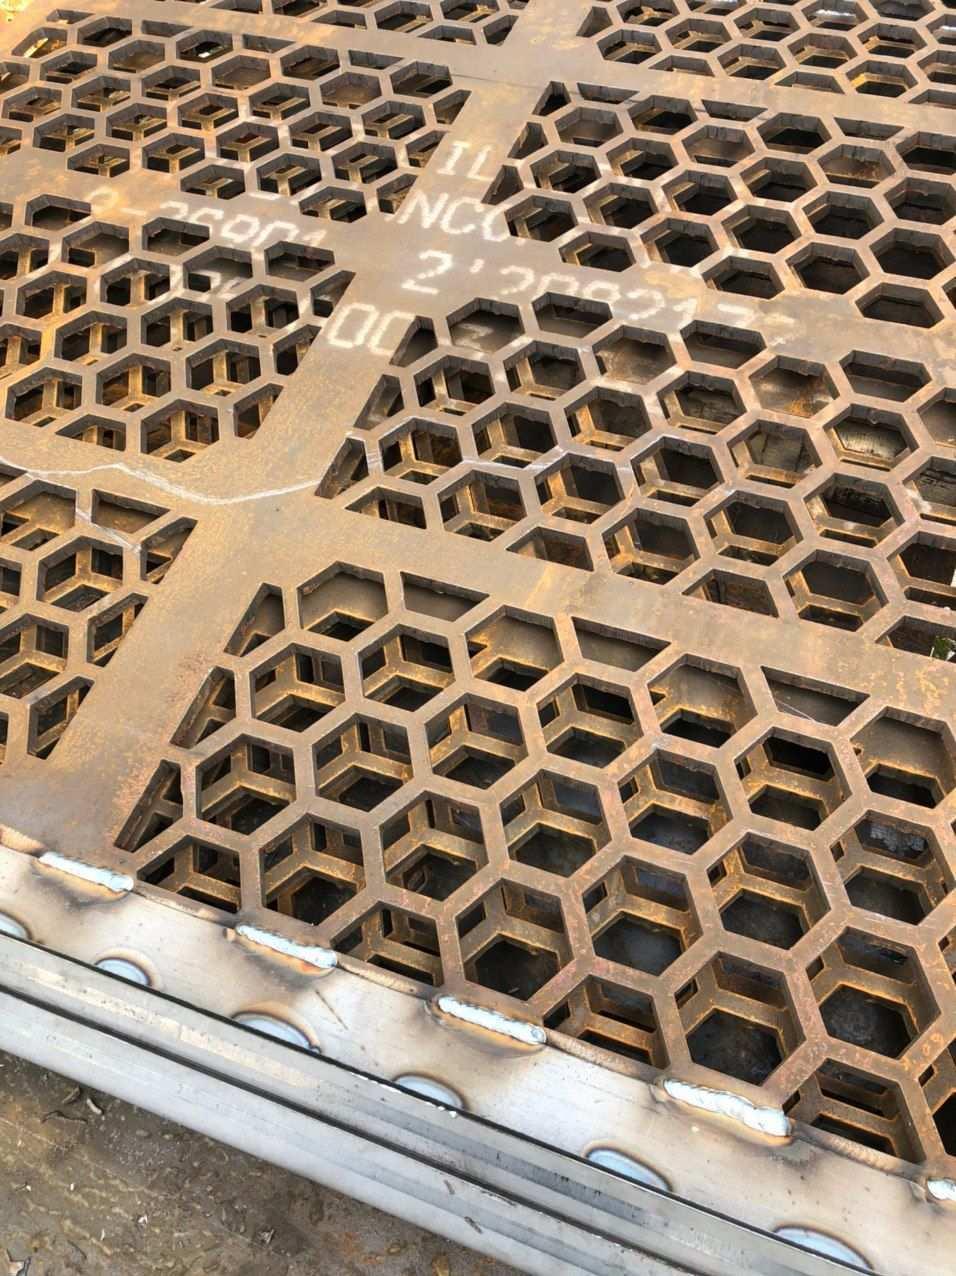 Lochblech 12mm 400 Lochblech Lochblech Stahl Ux Design